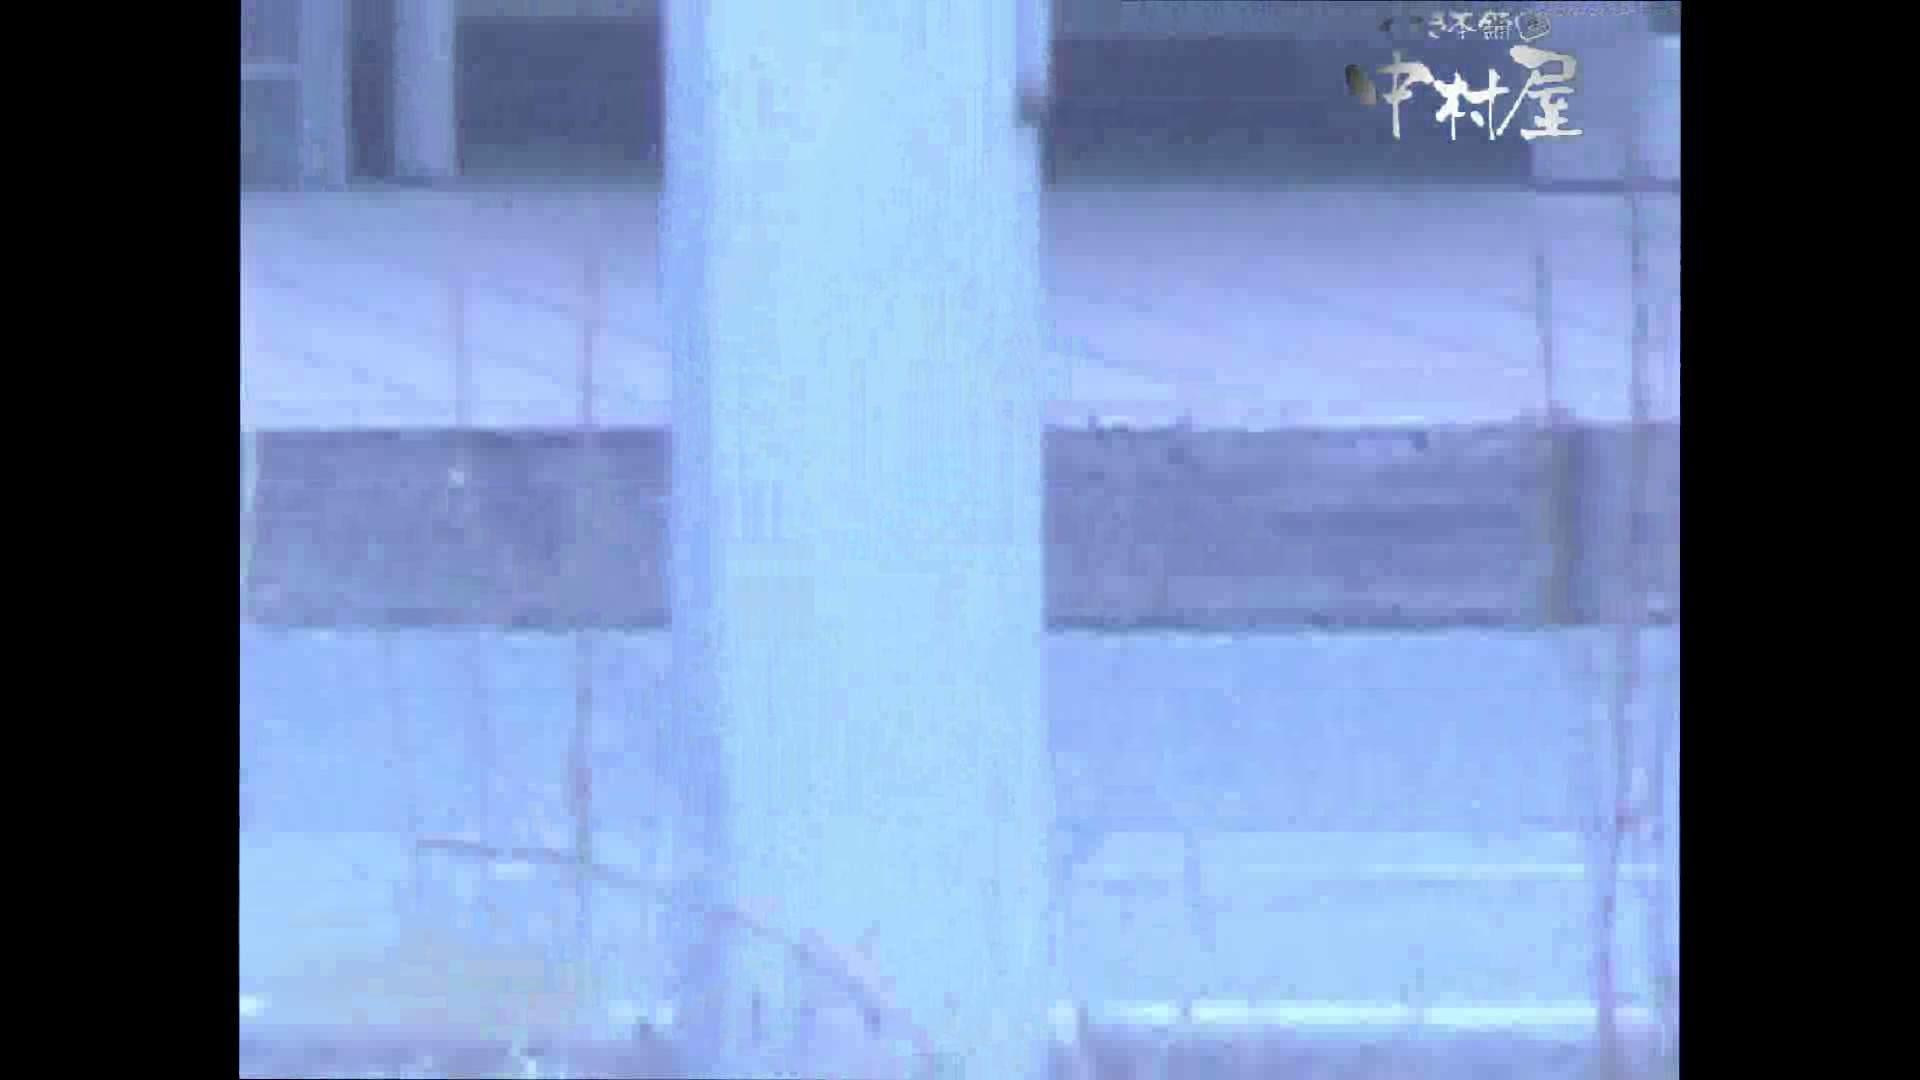 岩手県在住盗撮師盗撮記録vol.44 OLのエロ生活 おめこ無修正画像 109連発 102